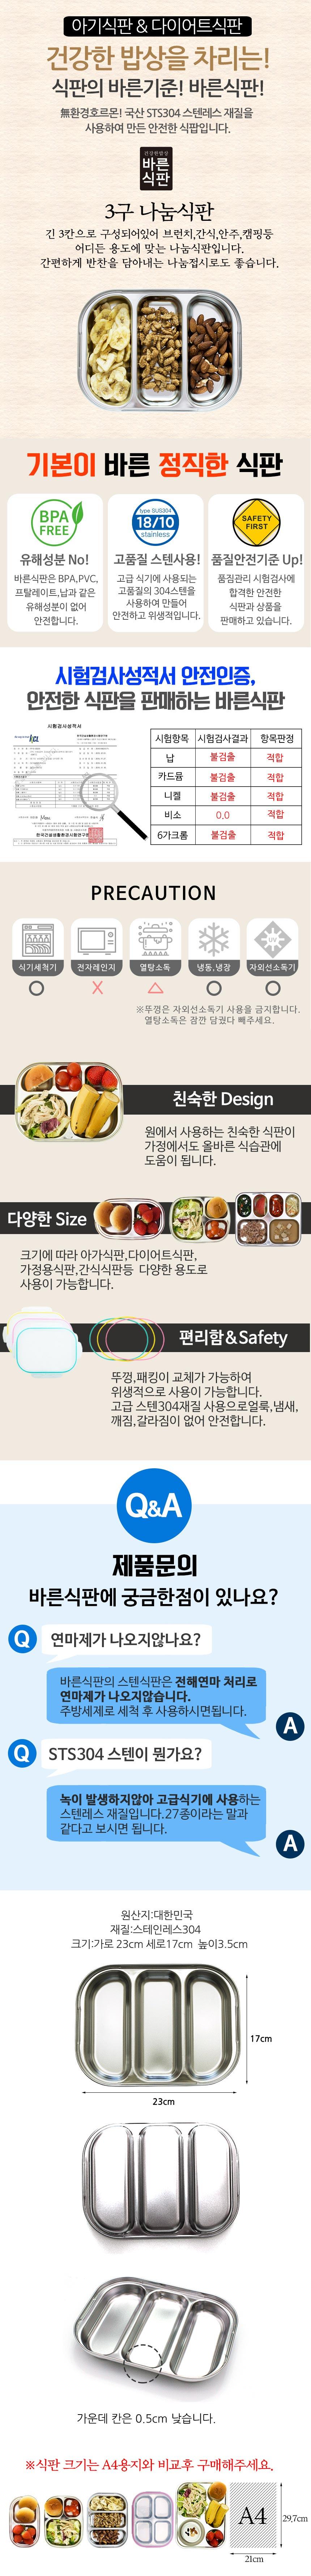 스텐 3구나눔 다이어트식판 아기식판 유아식판 - 익스트리모, 7,000원, 나눔접시/식판, 식판